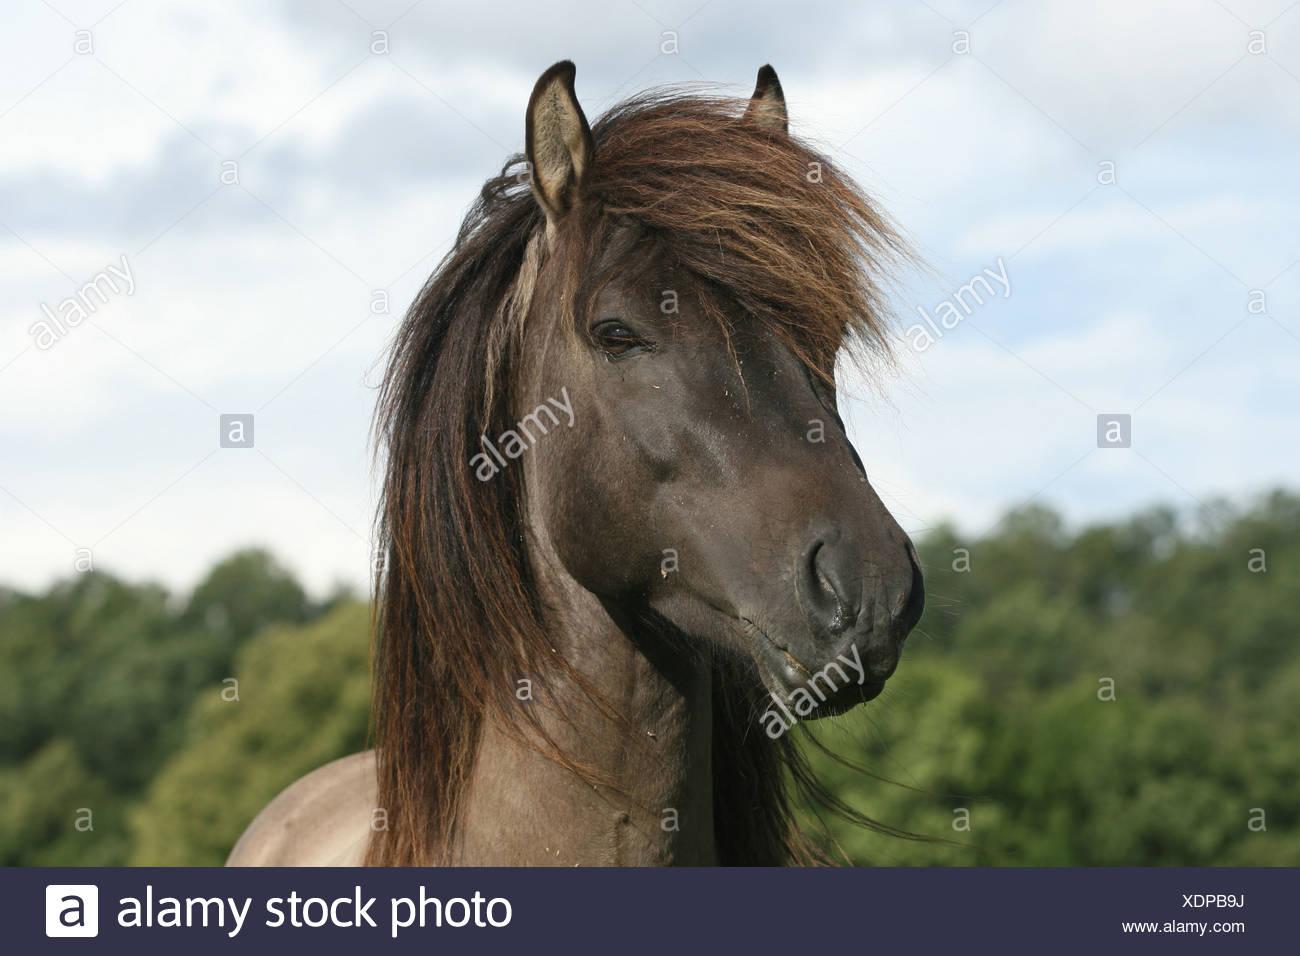 Icelandic horse stallion - Stock Image